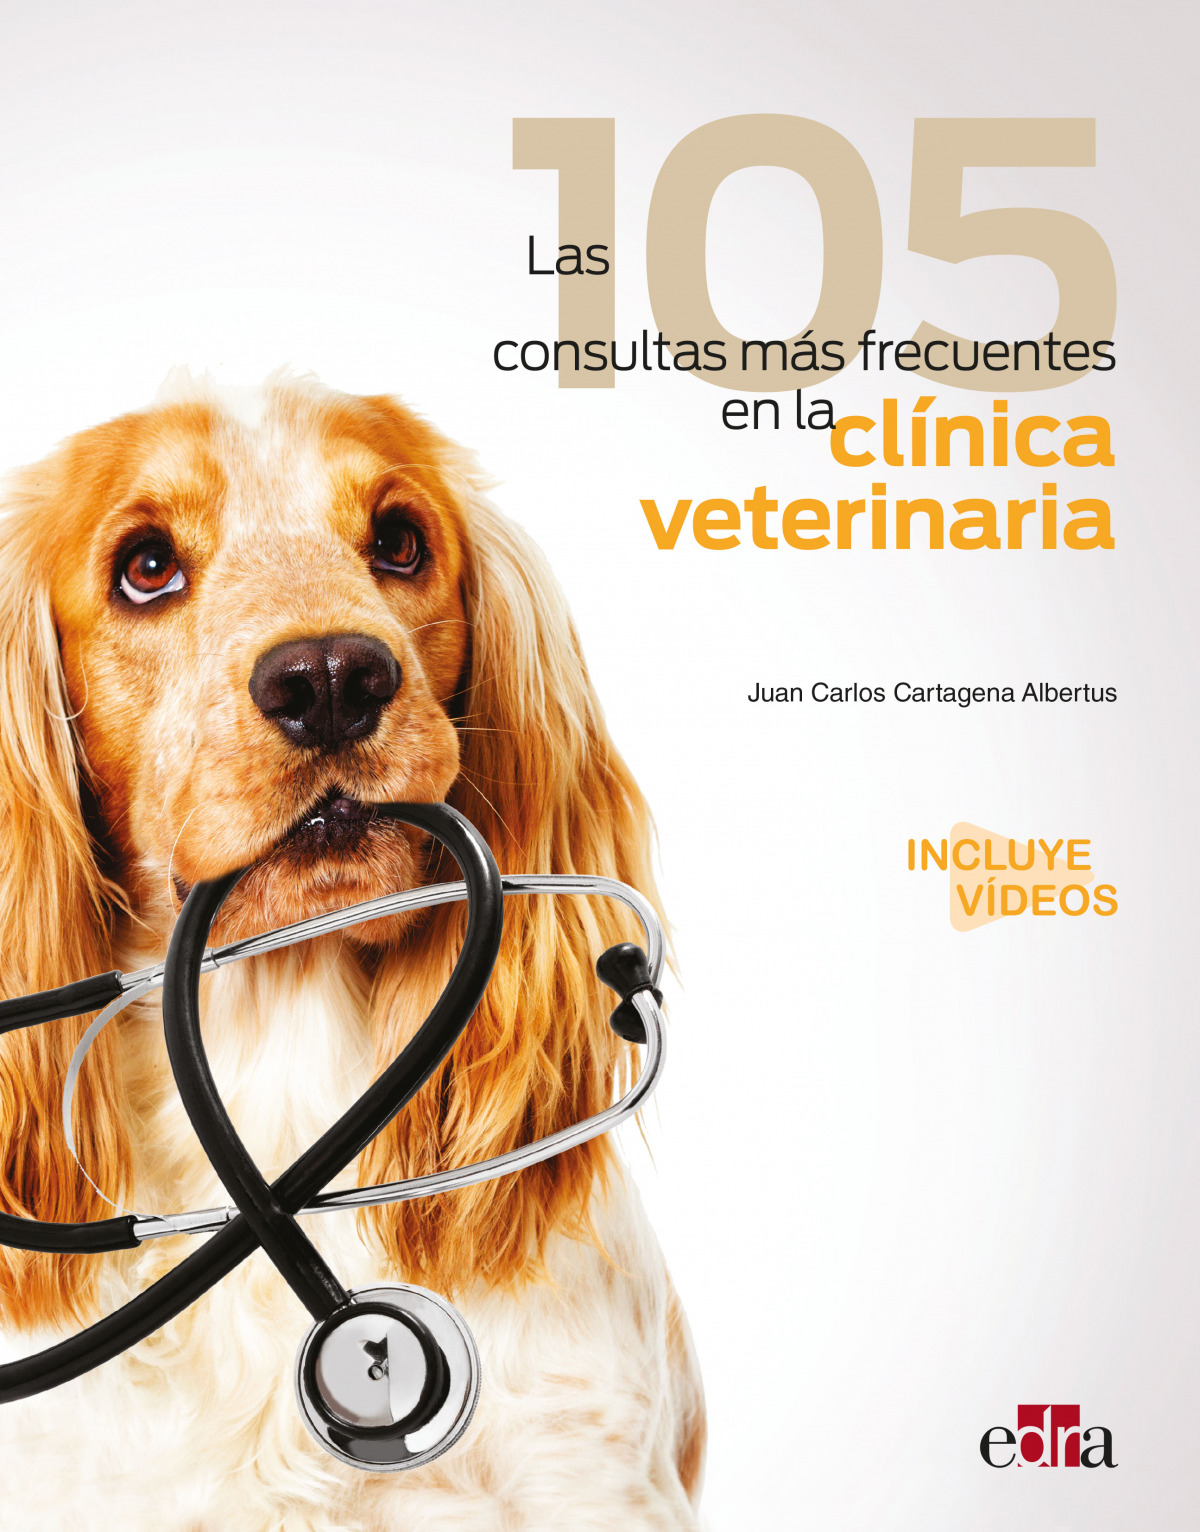 Las 105 consultas más frecuentes en la clínica veterinaria